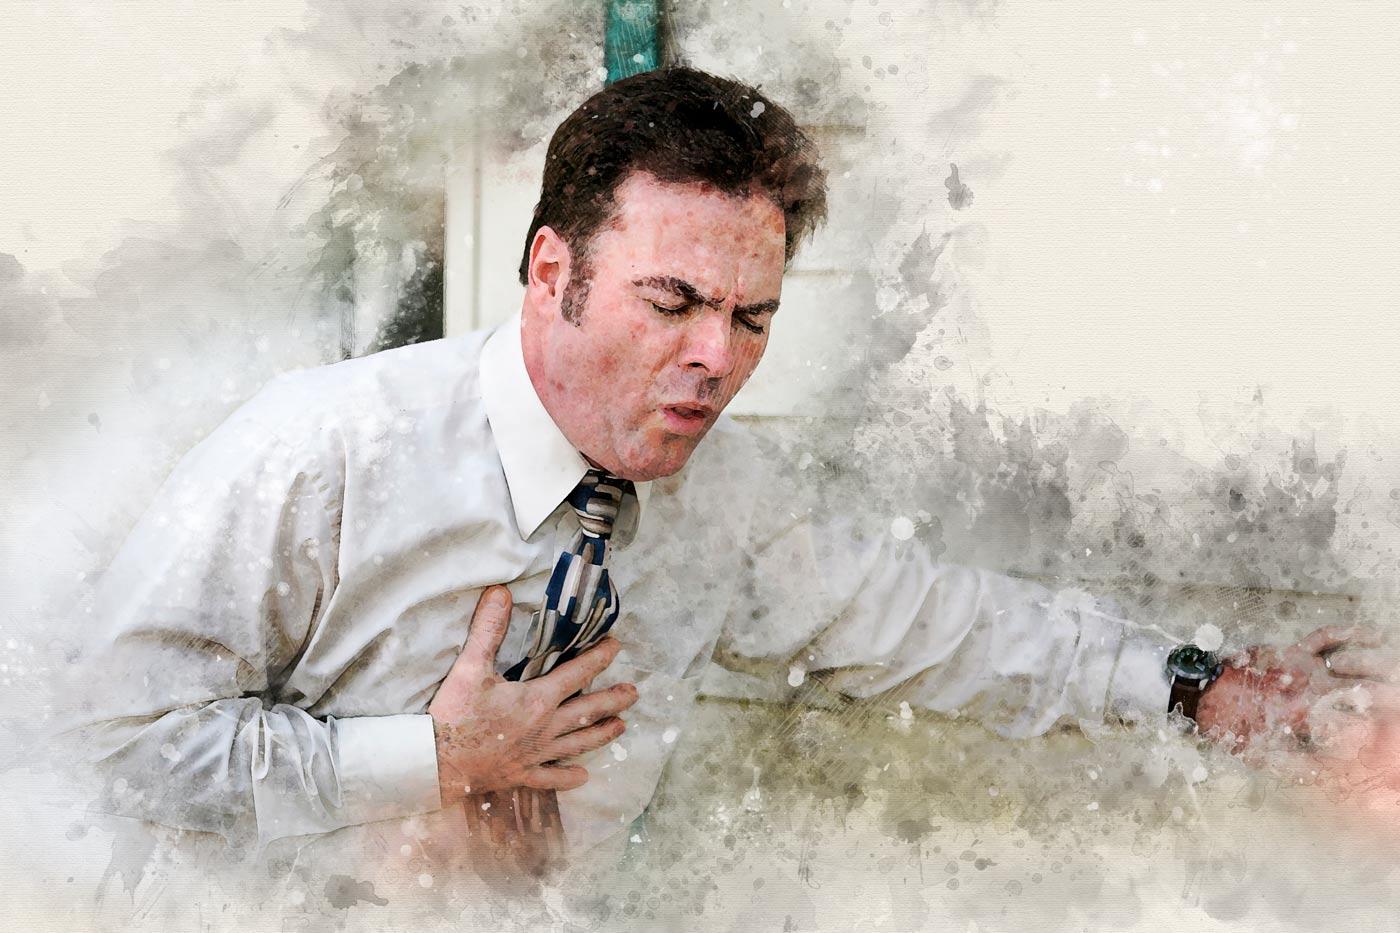 Как на 100% довести франчайзи до открытия и не слечь в больницу с сердечным приступом